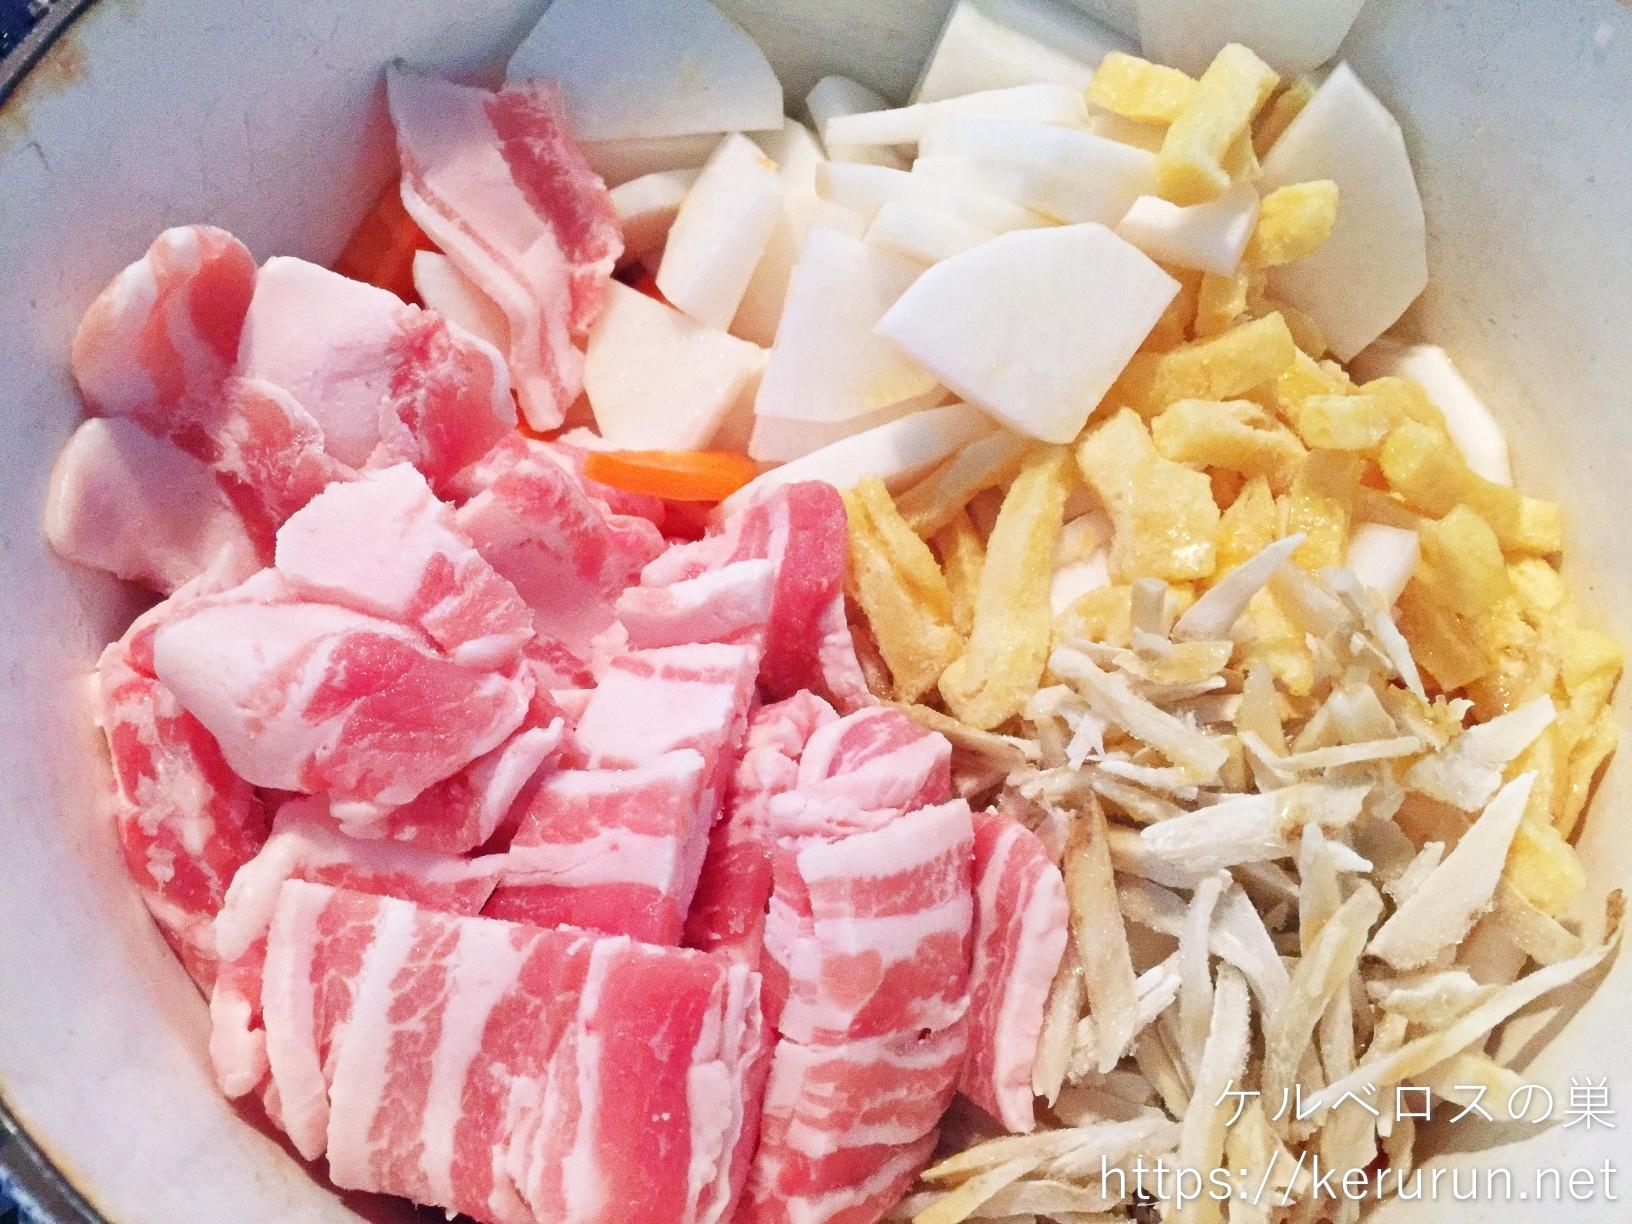 【一汁一菜】豚汁と塩鮭の晩ごはん